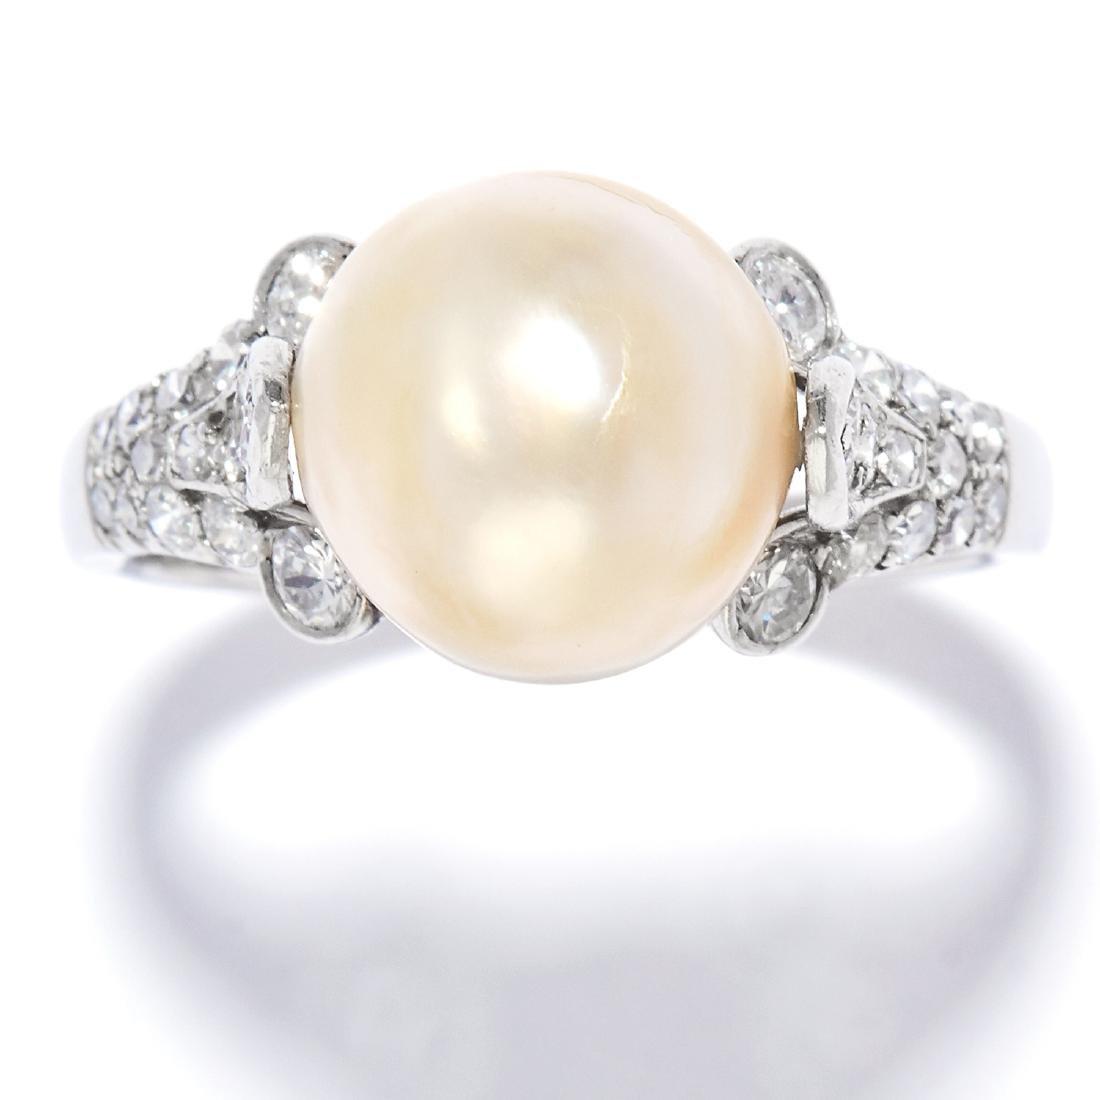 NATURAL PEARL AND DIAMOND RING, BULGARI in platinum,